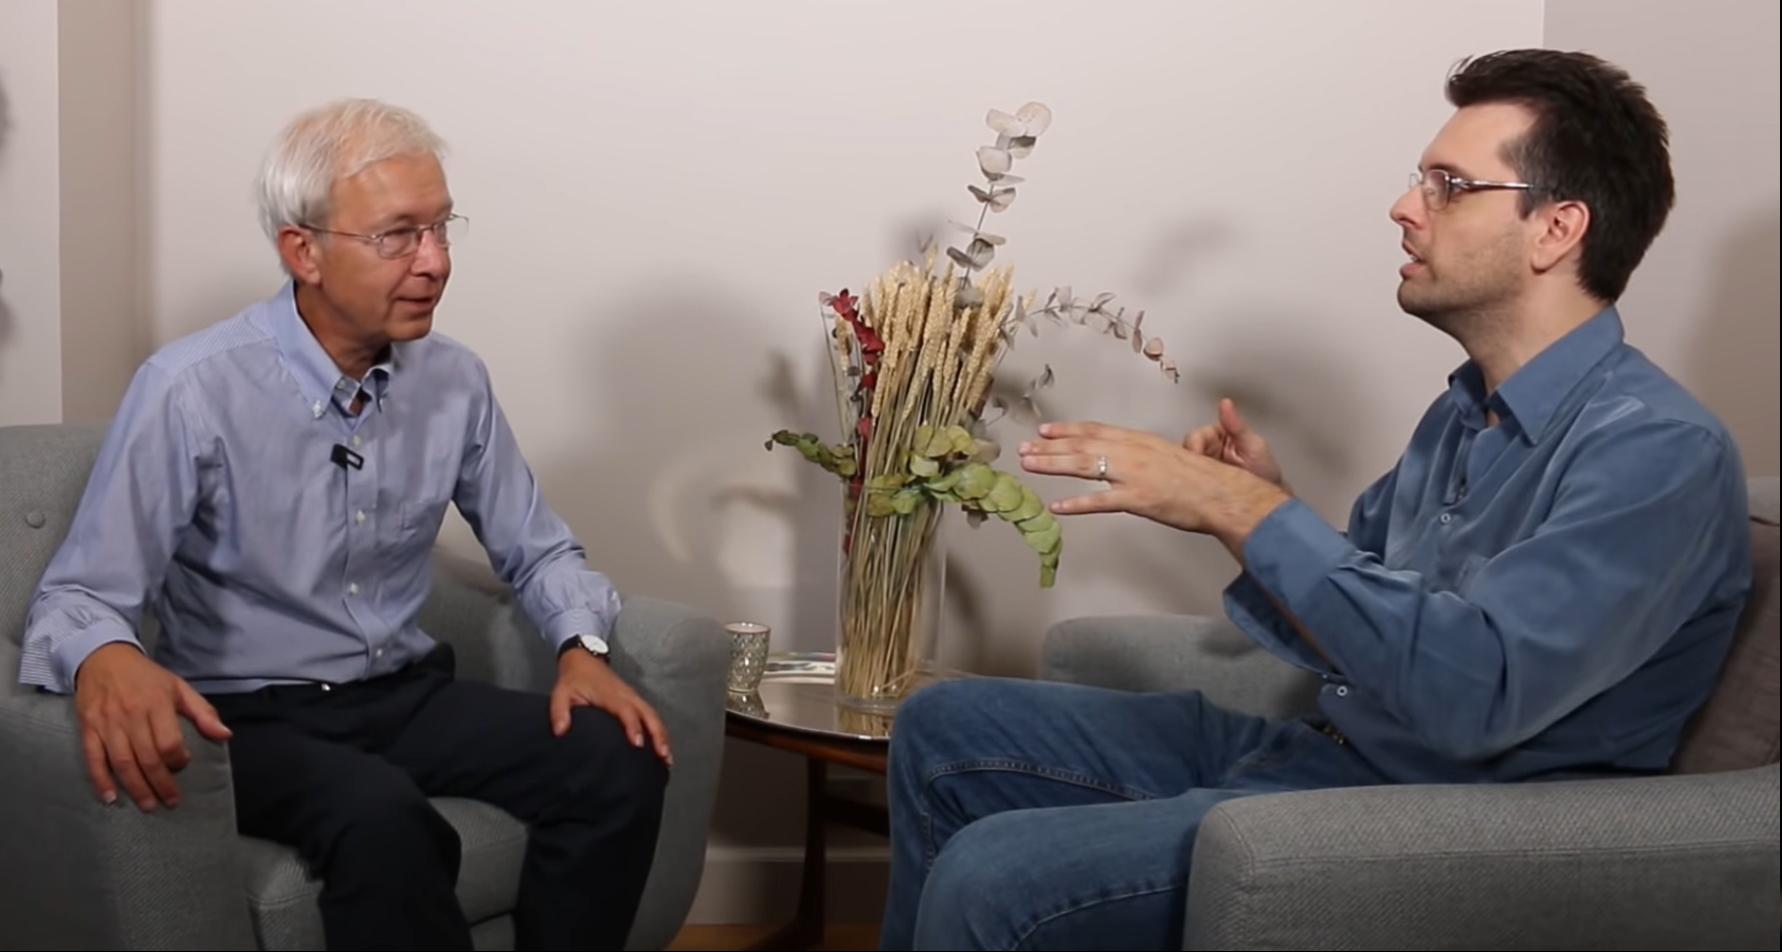 Guillaume Rouvier & Richard Détente de la chaîne Youtube Grand Angle discutent amicalement à propos du concept de Valeur marginale, de son importance pour la valorisation des actions cotées en bourse et de son impact sur les Krachs